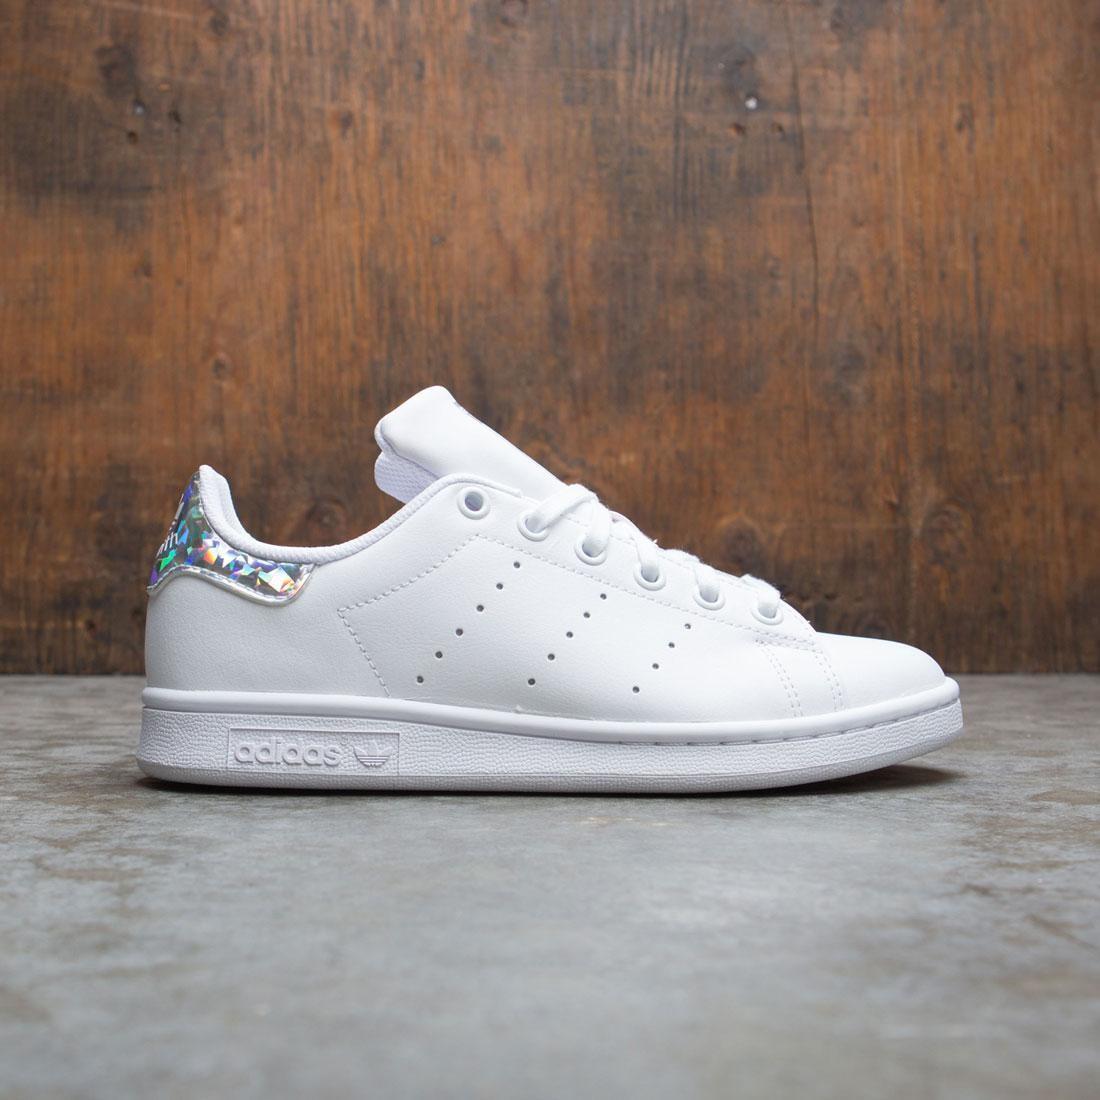 Adidas Big Kids Stan Smith J (white / footwear white / core black)